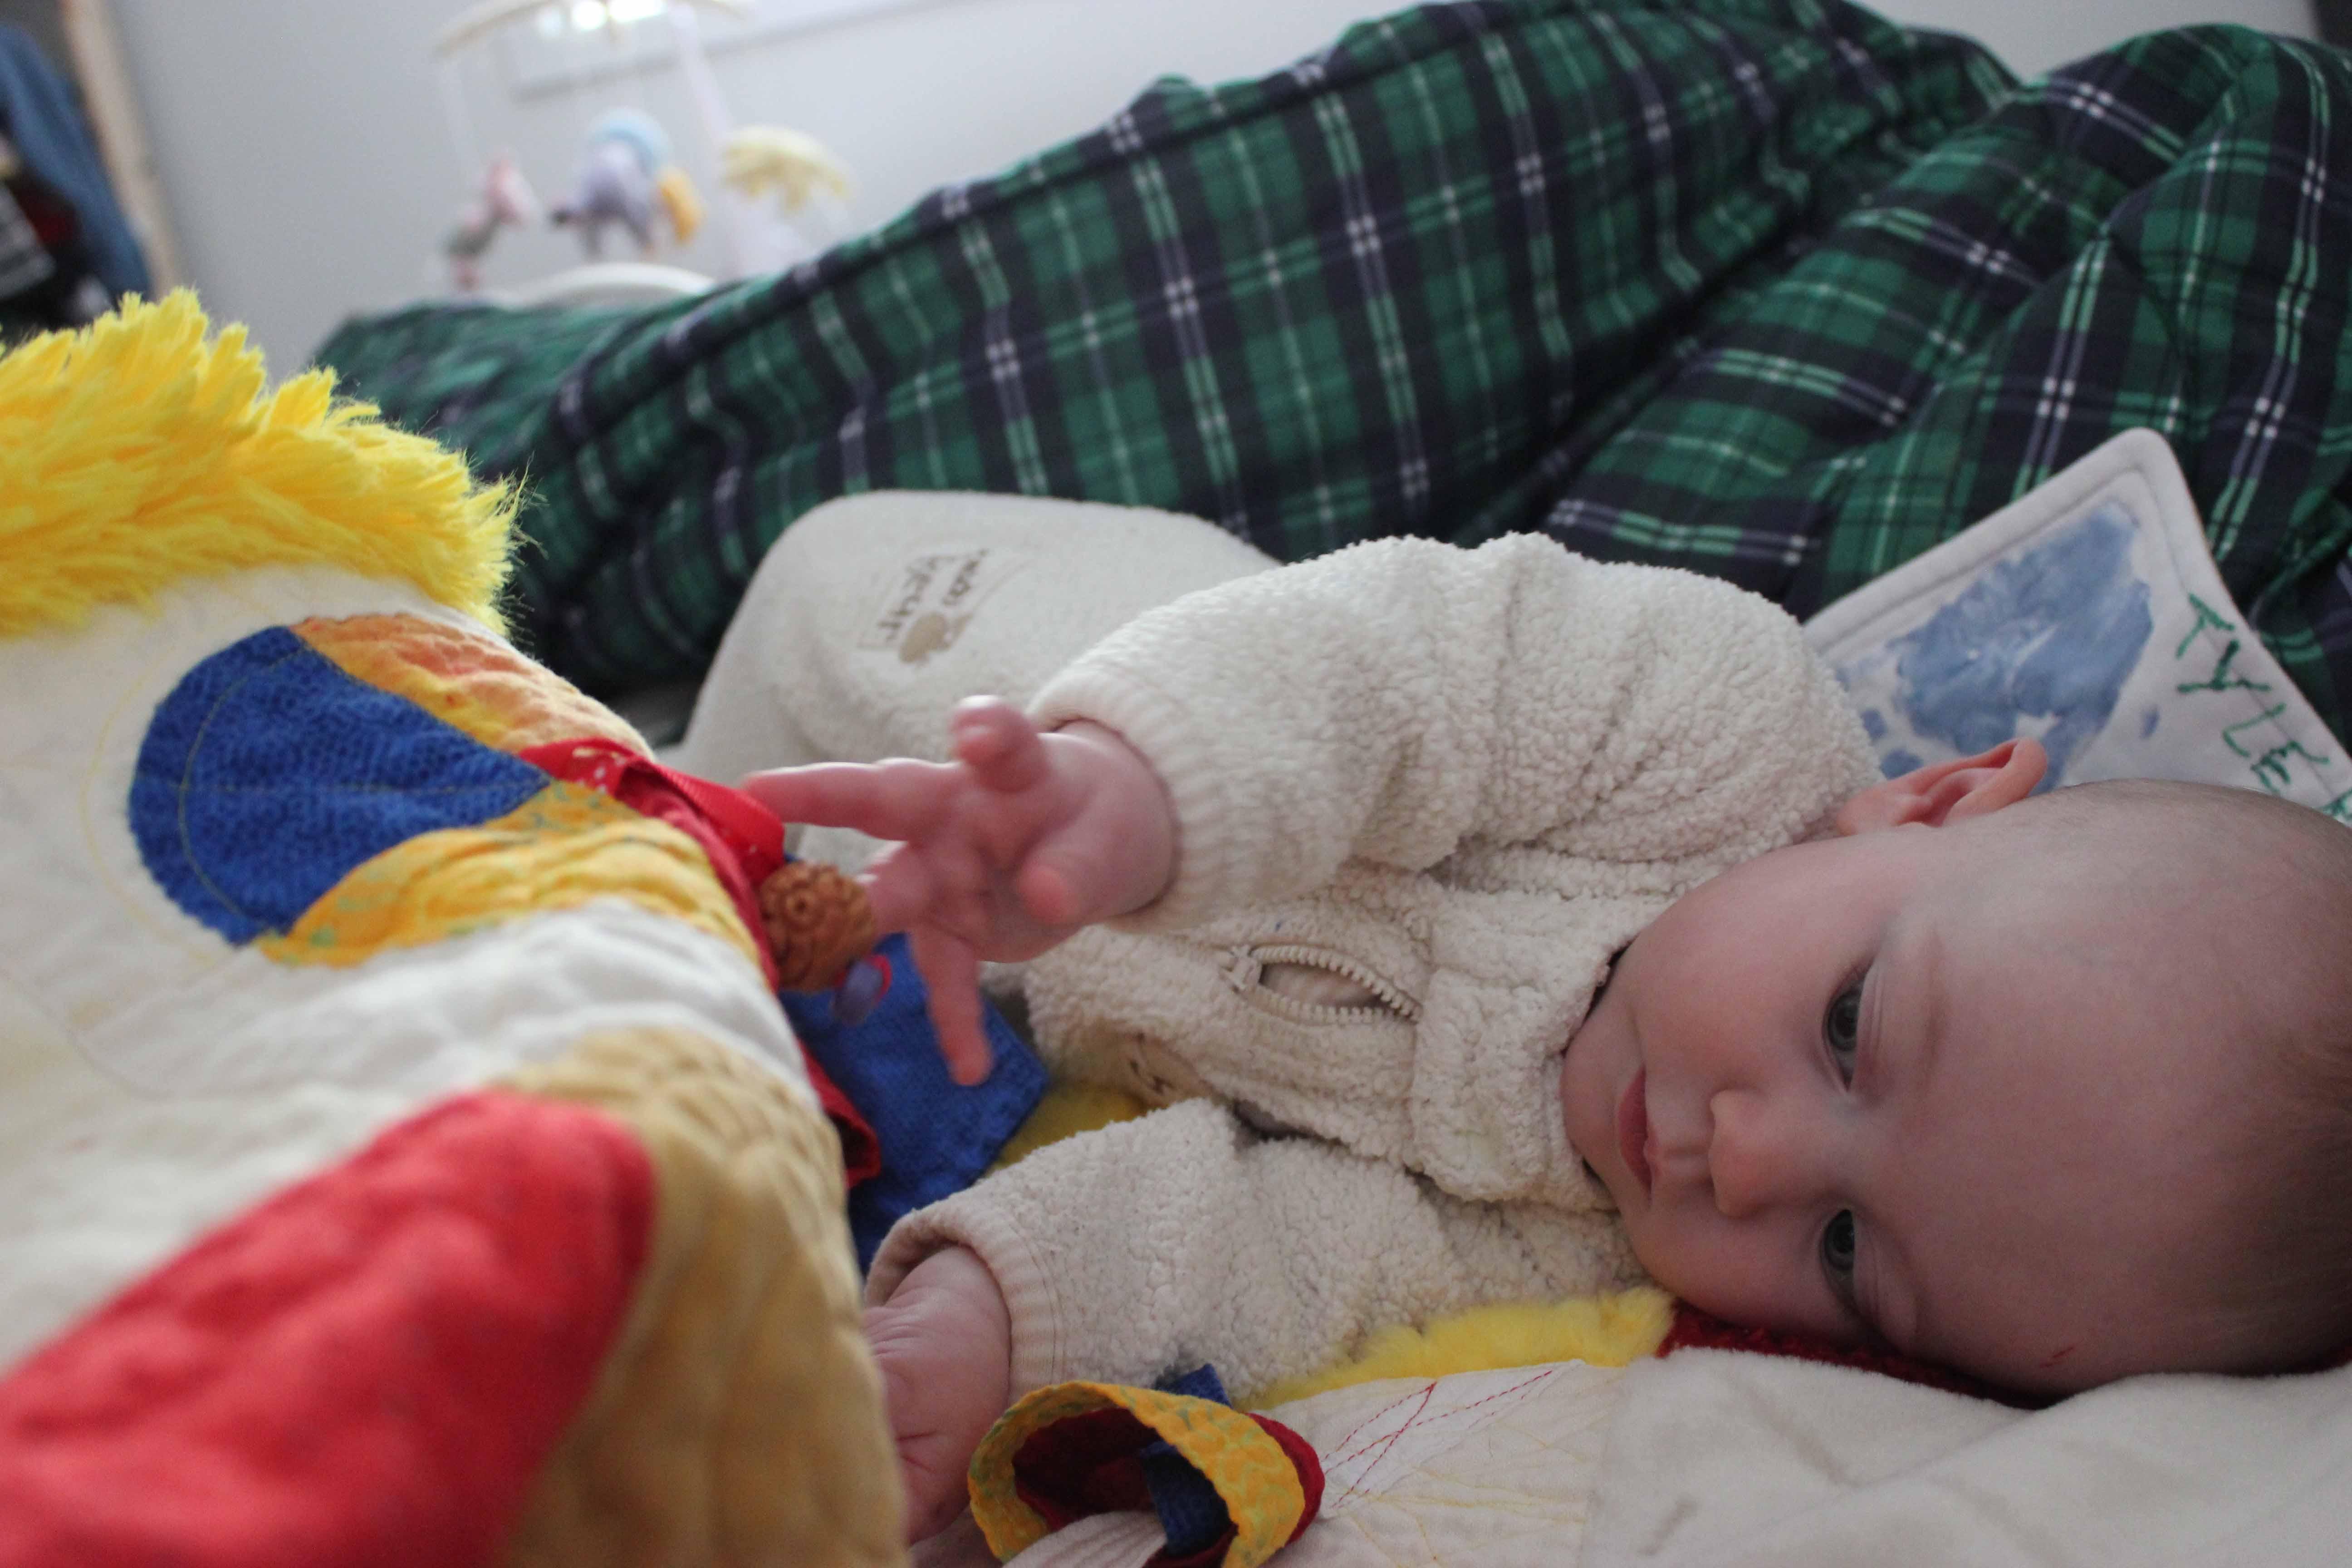 Blanket play